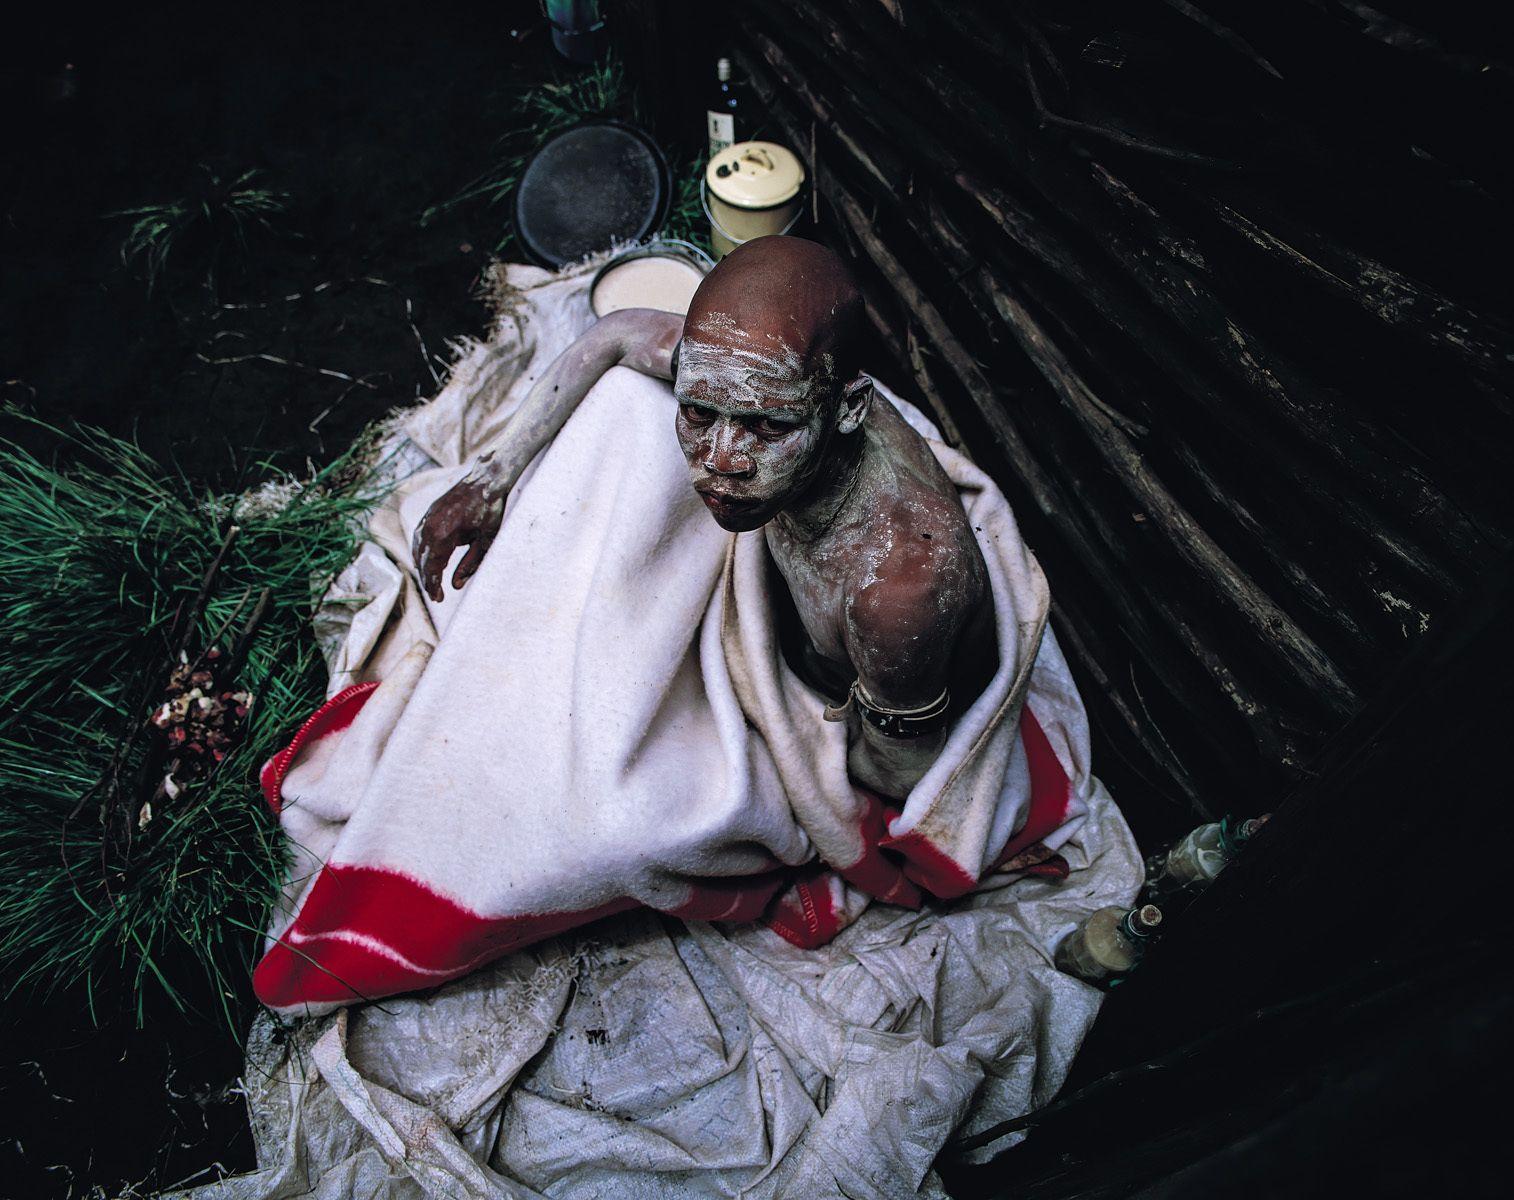 2. Adult Circumcision